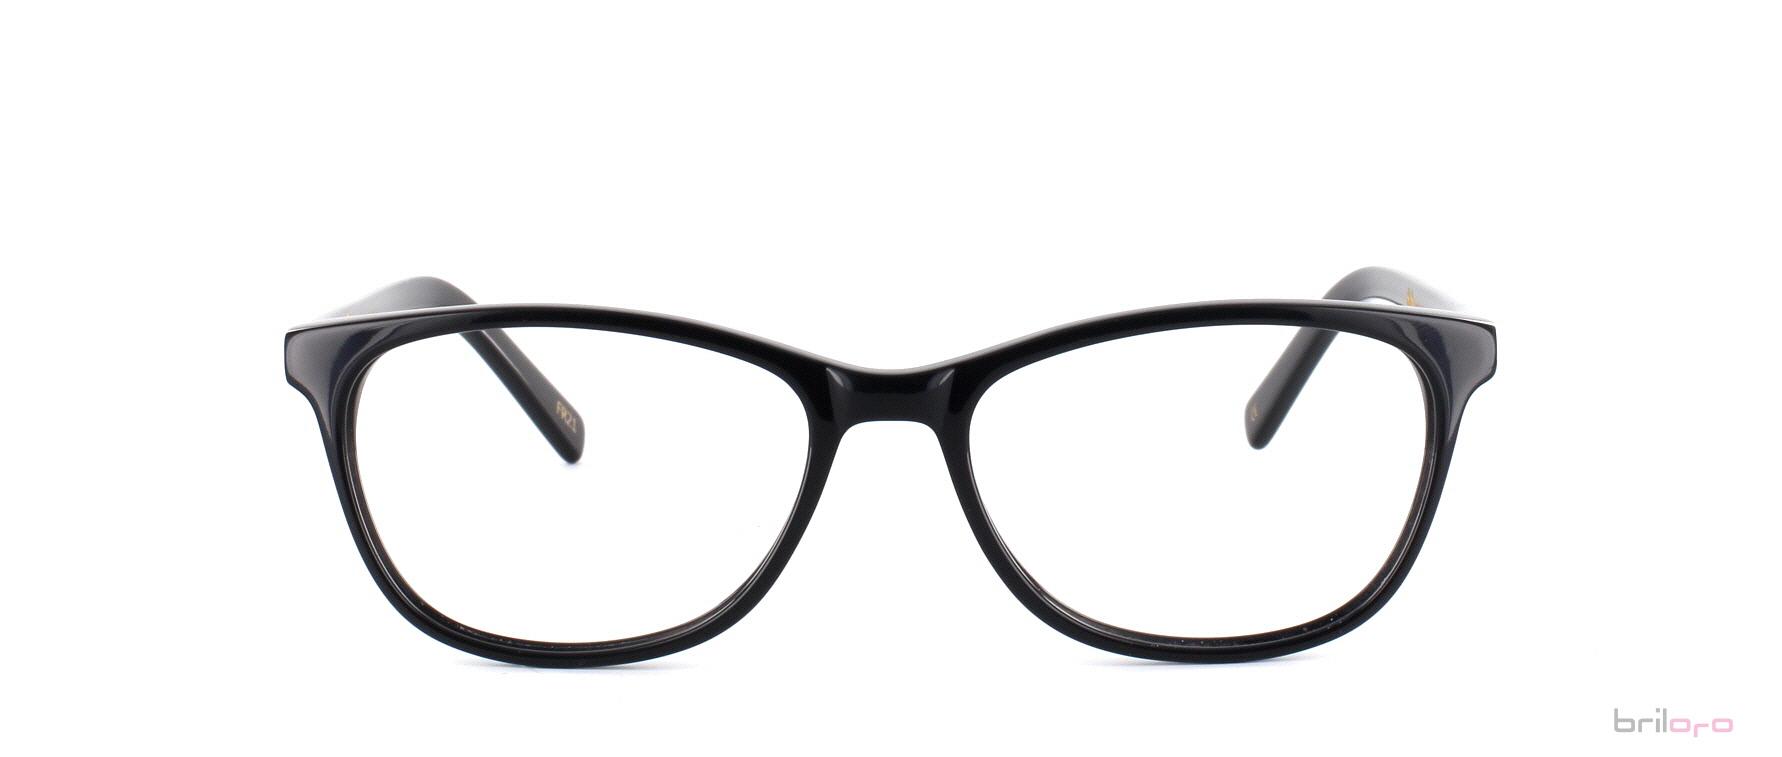 Moderne Pearl Jet Black Brille für herzförmiges Gesicht